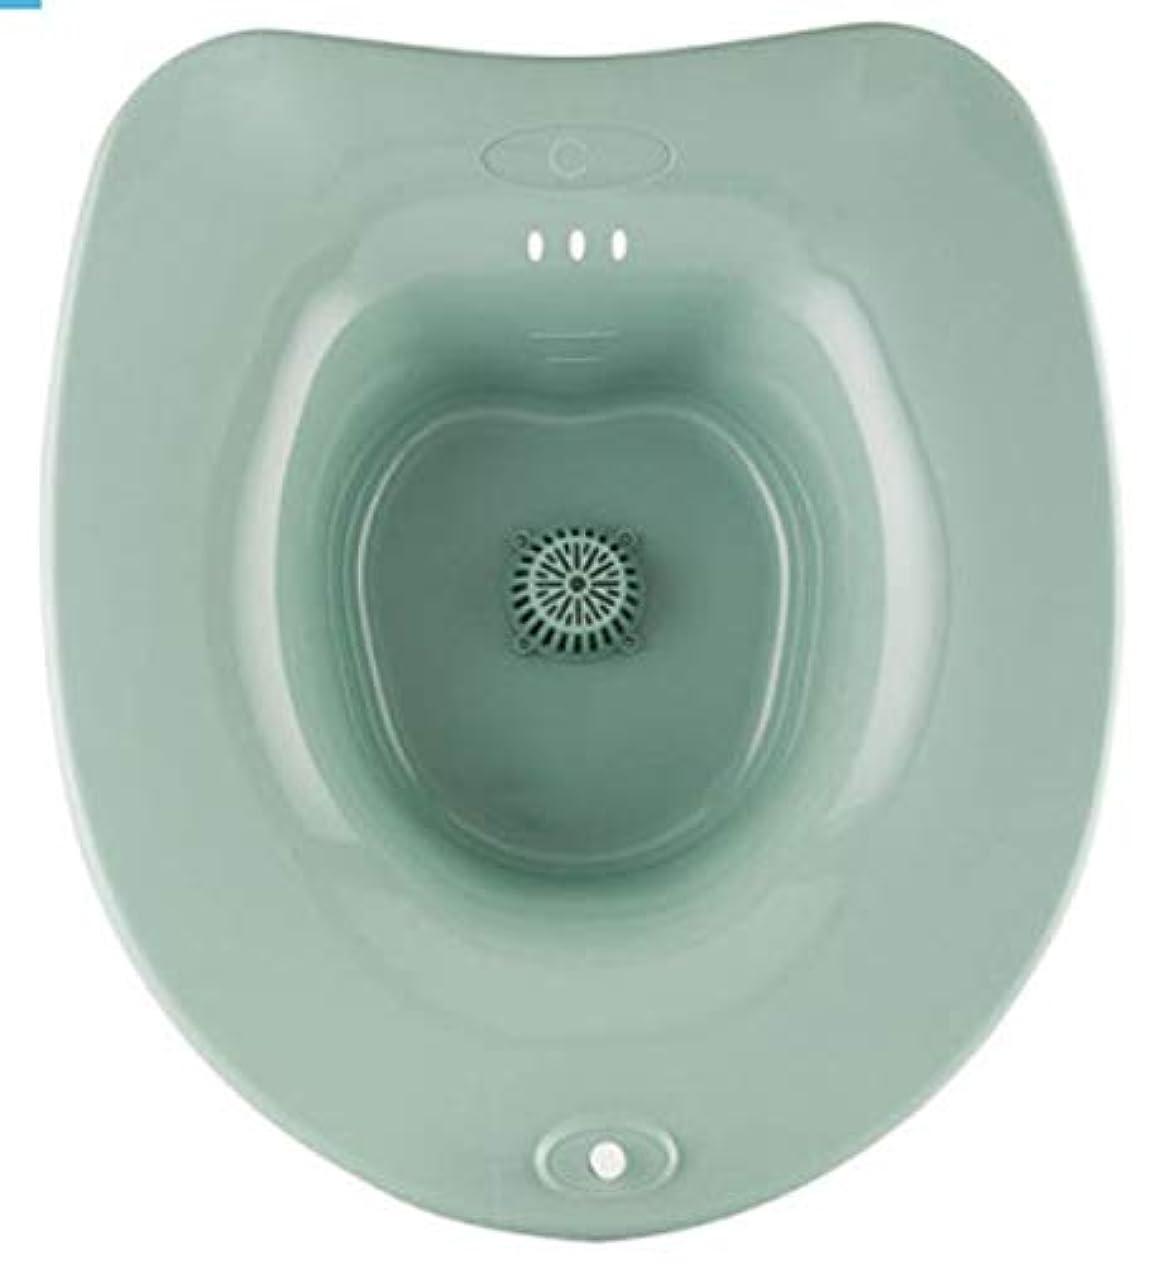 ライド推測氷お尻の座浴器、、清潔な座浴のため、乾電池式自動泡たちの座浴器